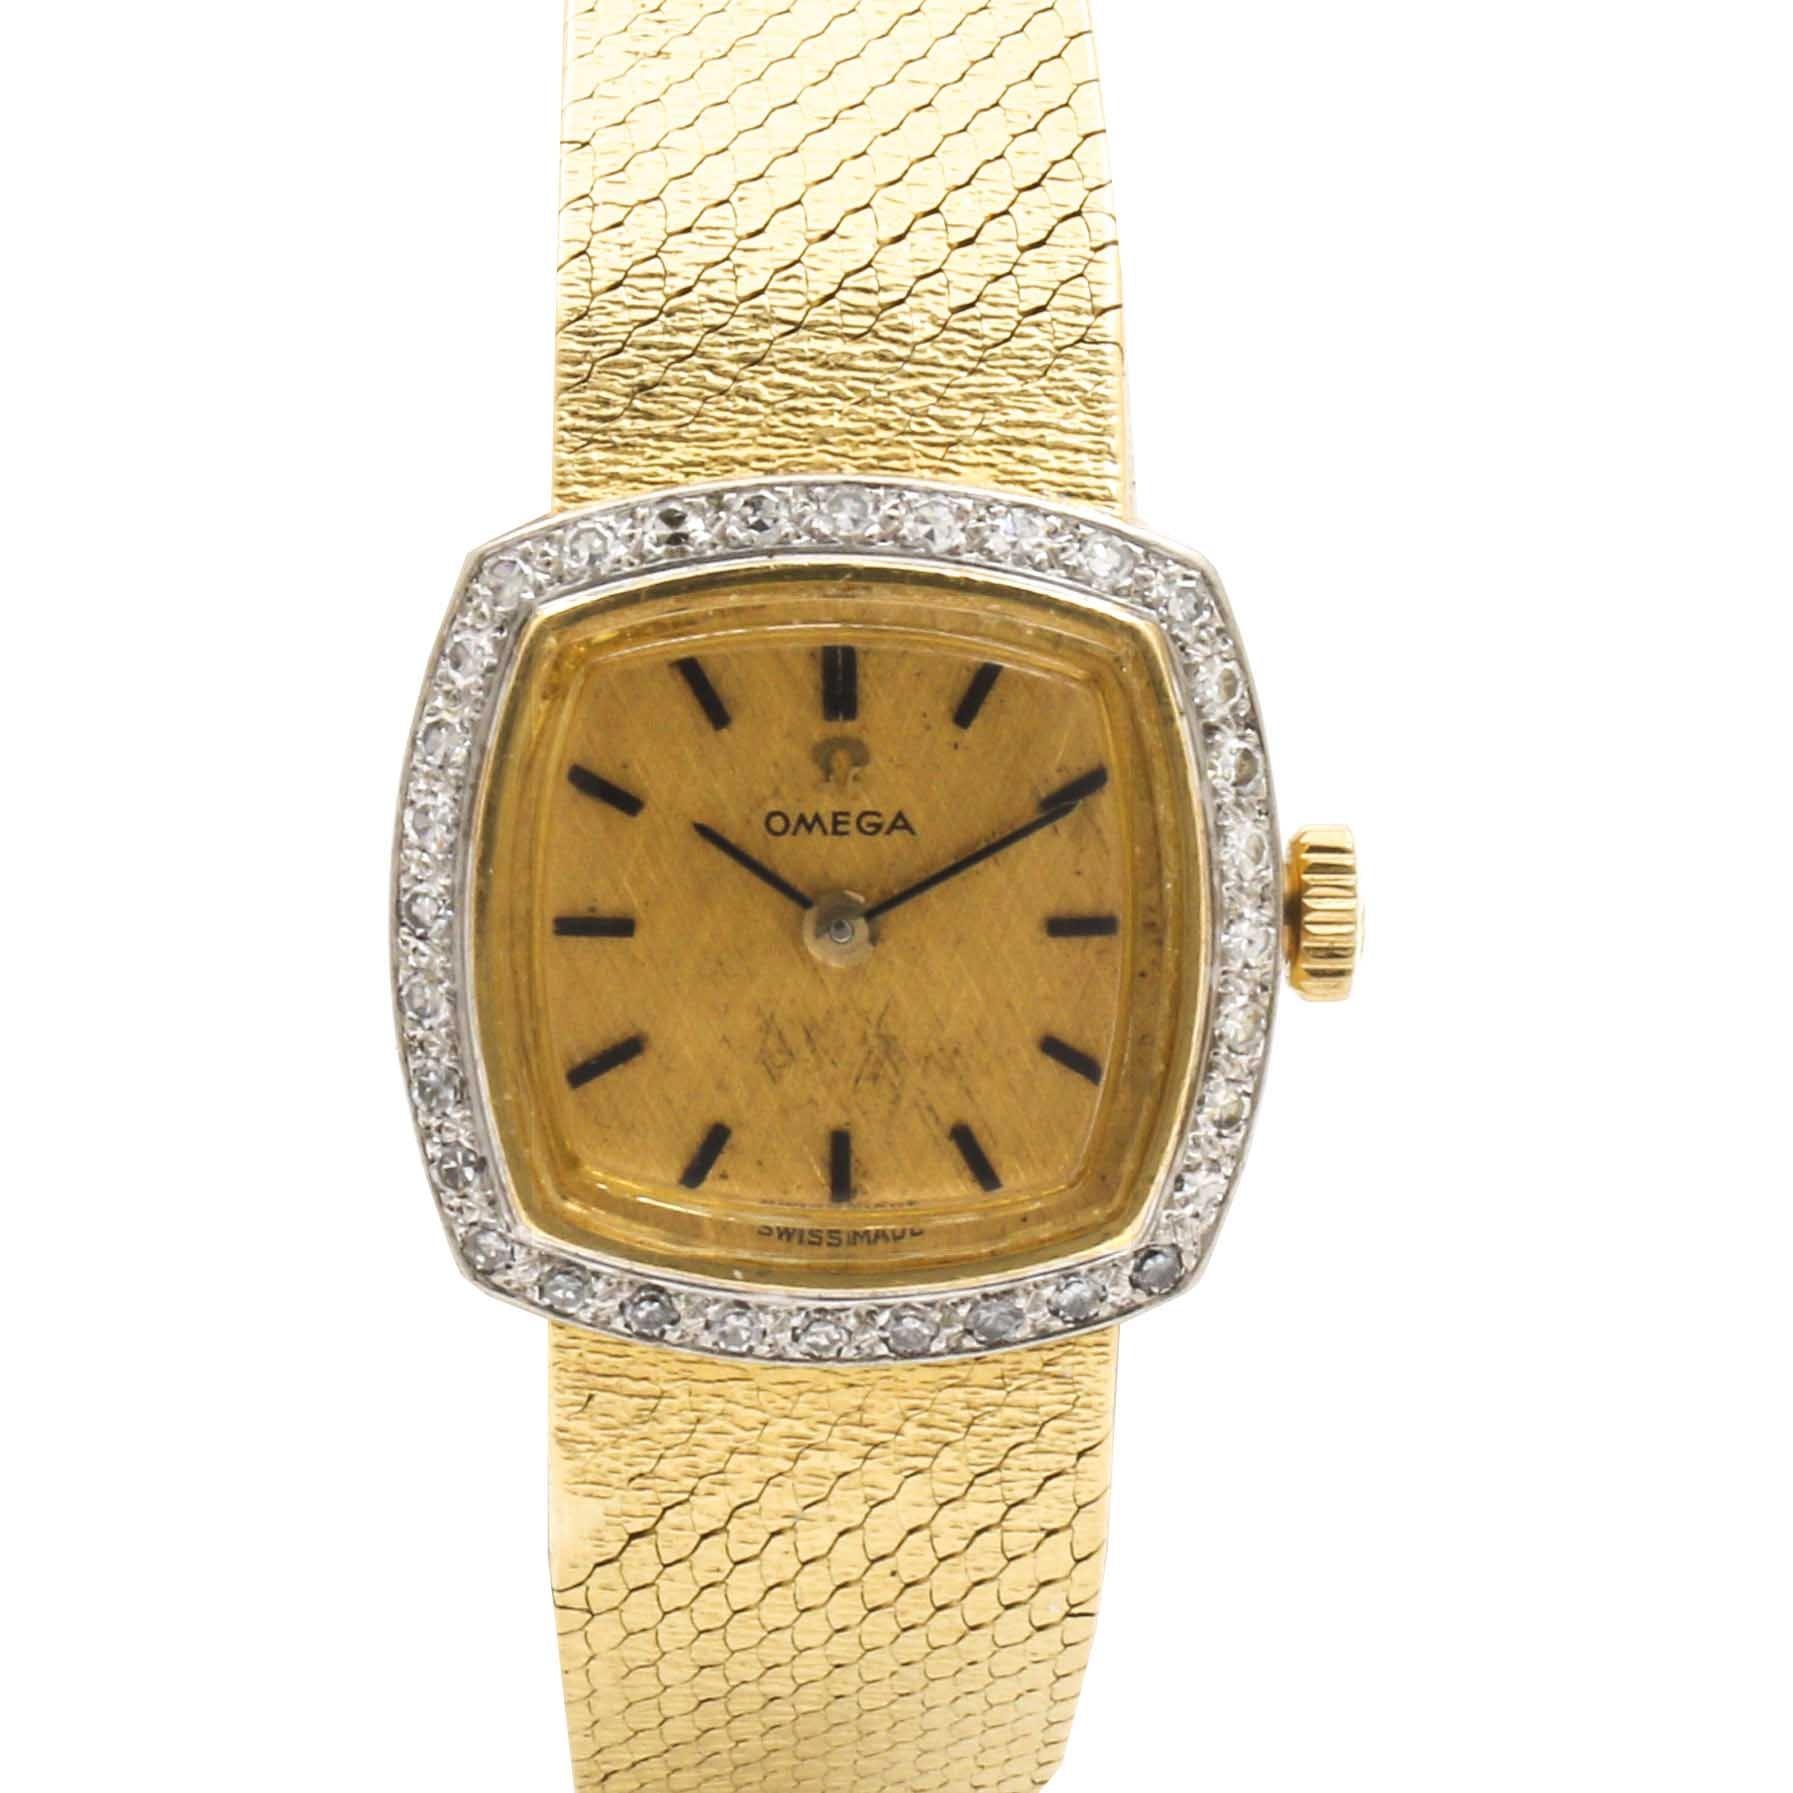 Omega 18K Yellow Gold Diamond Wristwatch